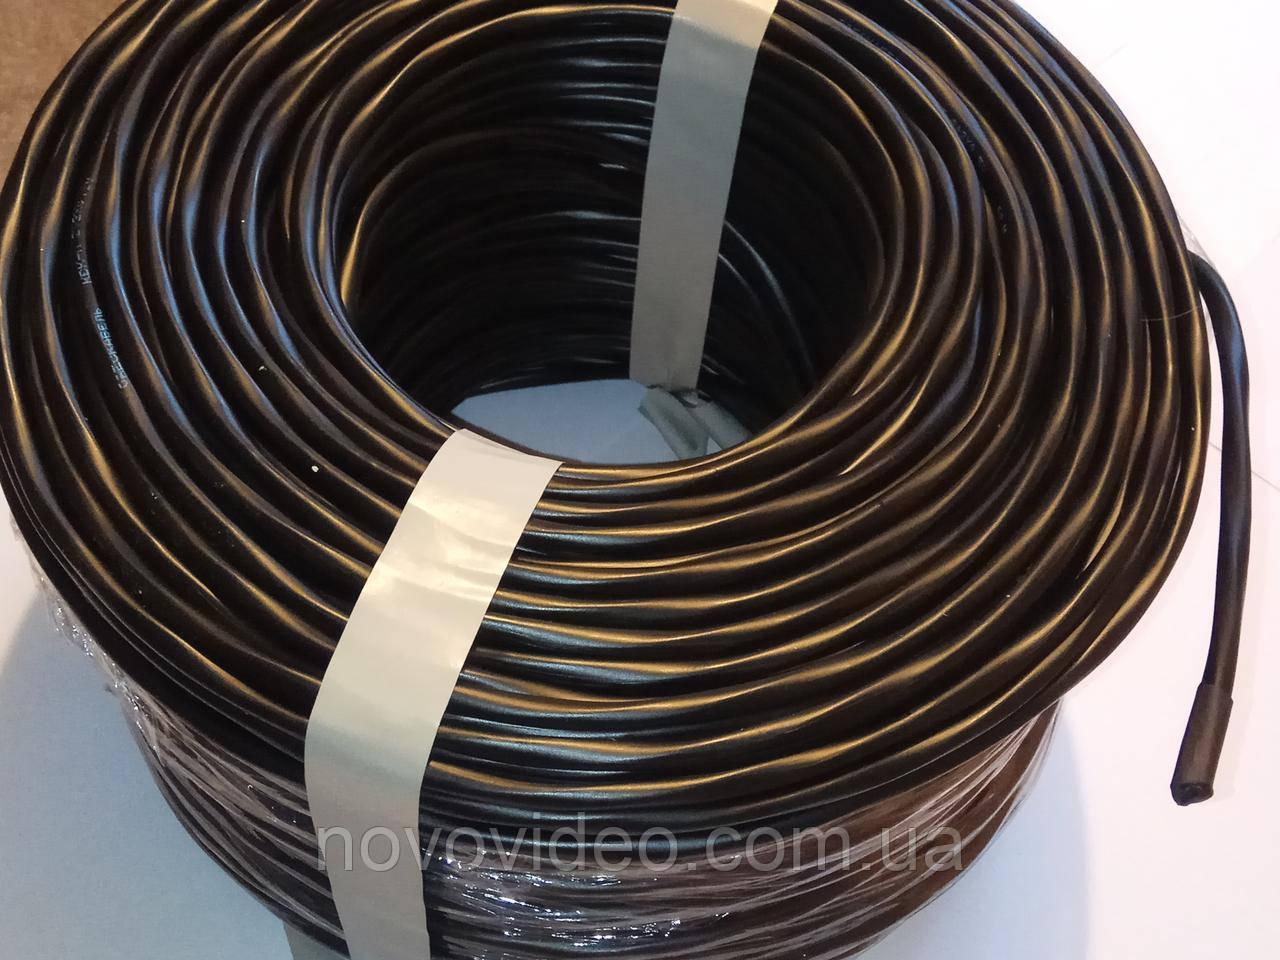 Комбинированный кабель для систем видеонаблюдения медный КВК П2+2*0,75 наружный